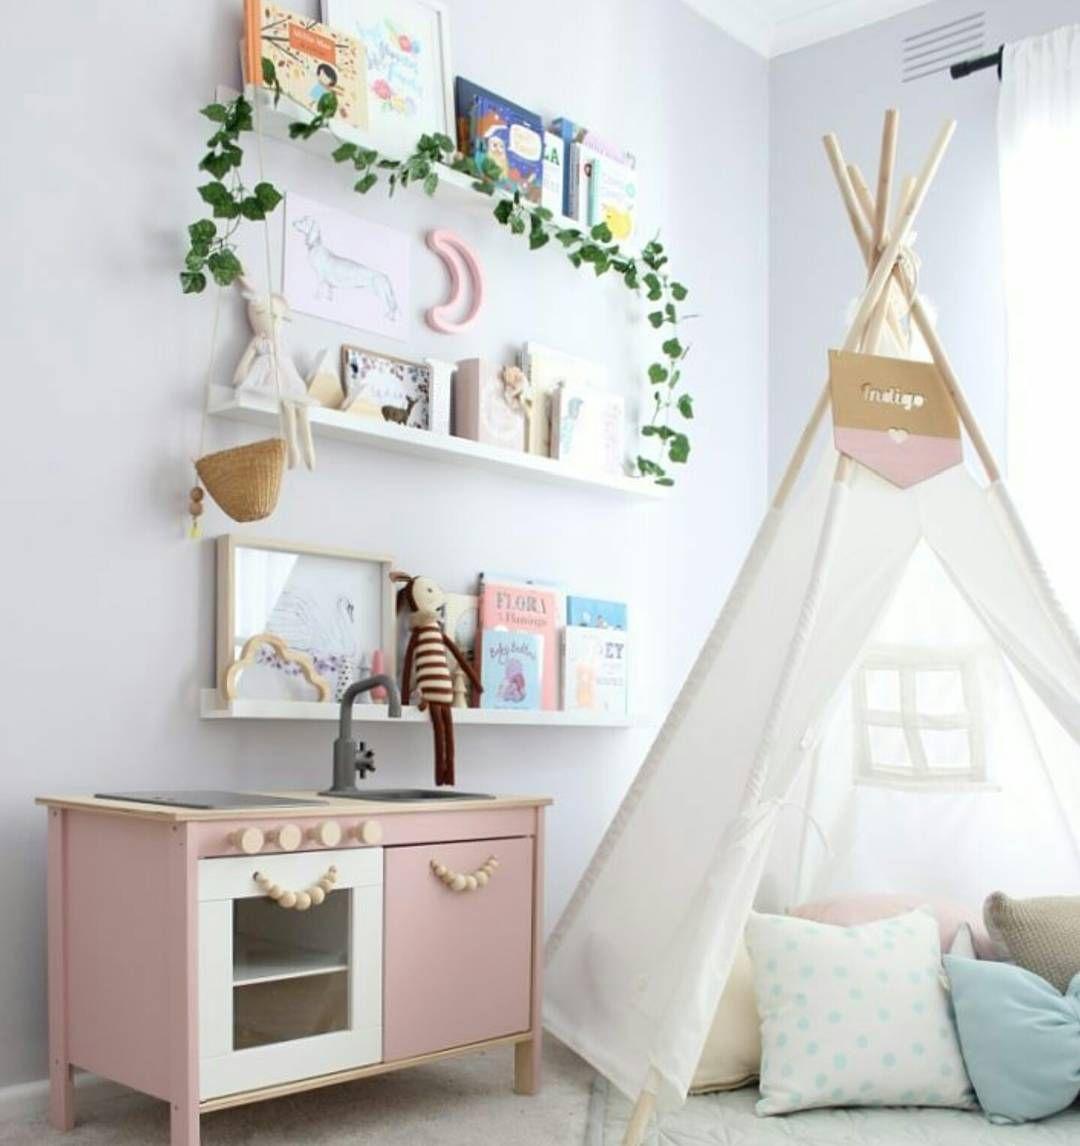 Køkken | Børneværelse | Pinterest | Kids kitchen set, Kitchen sets ...